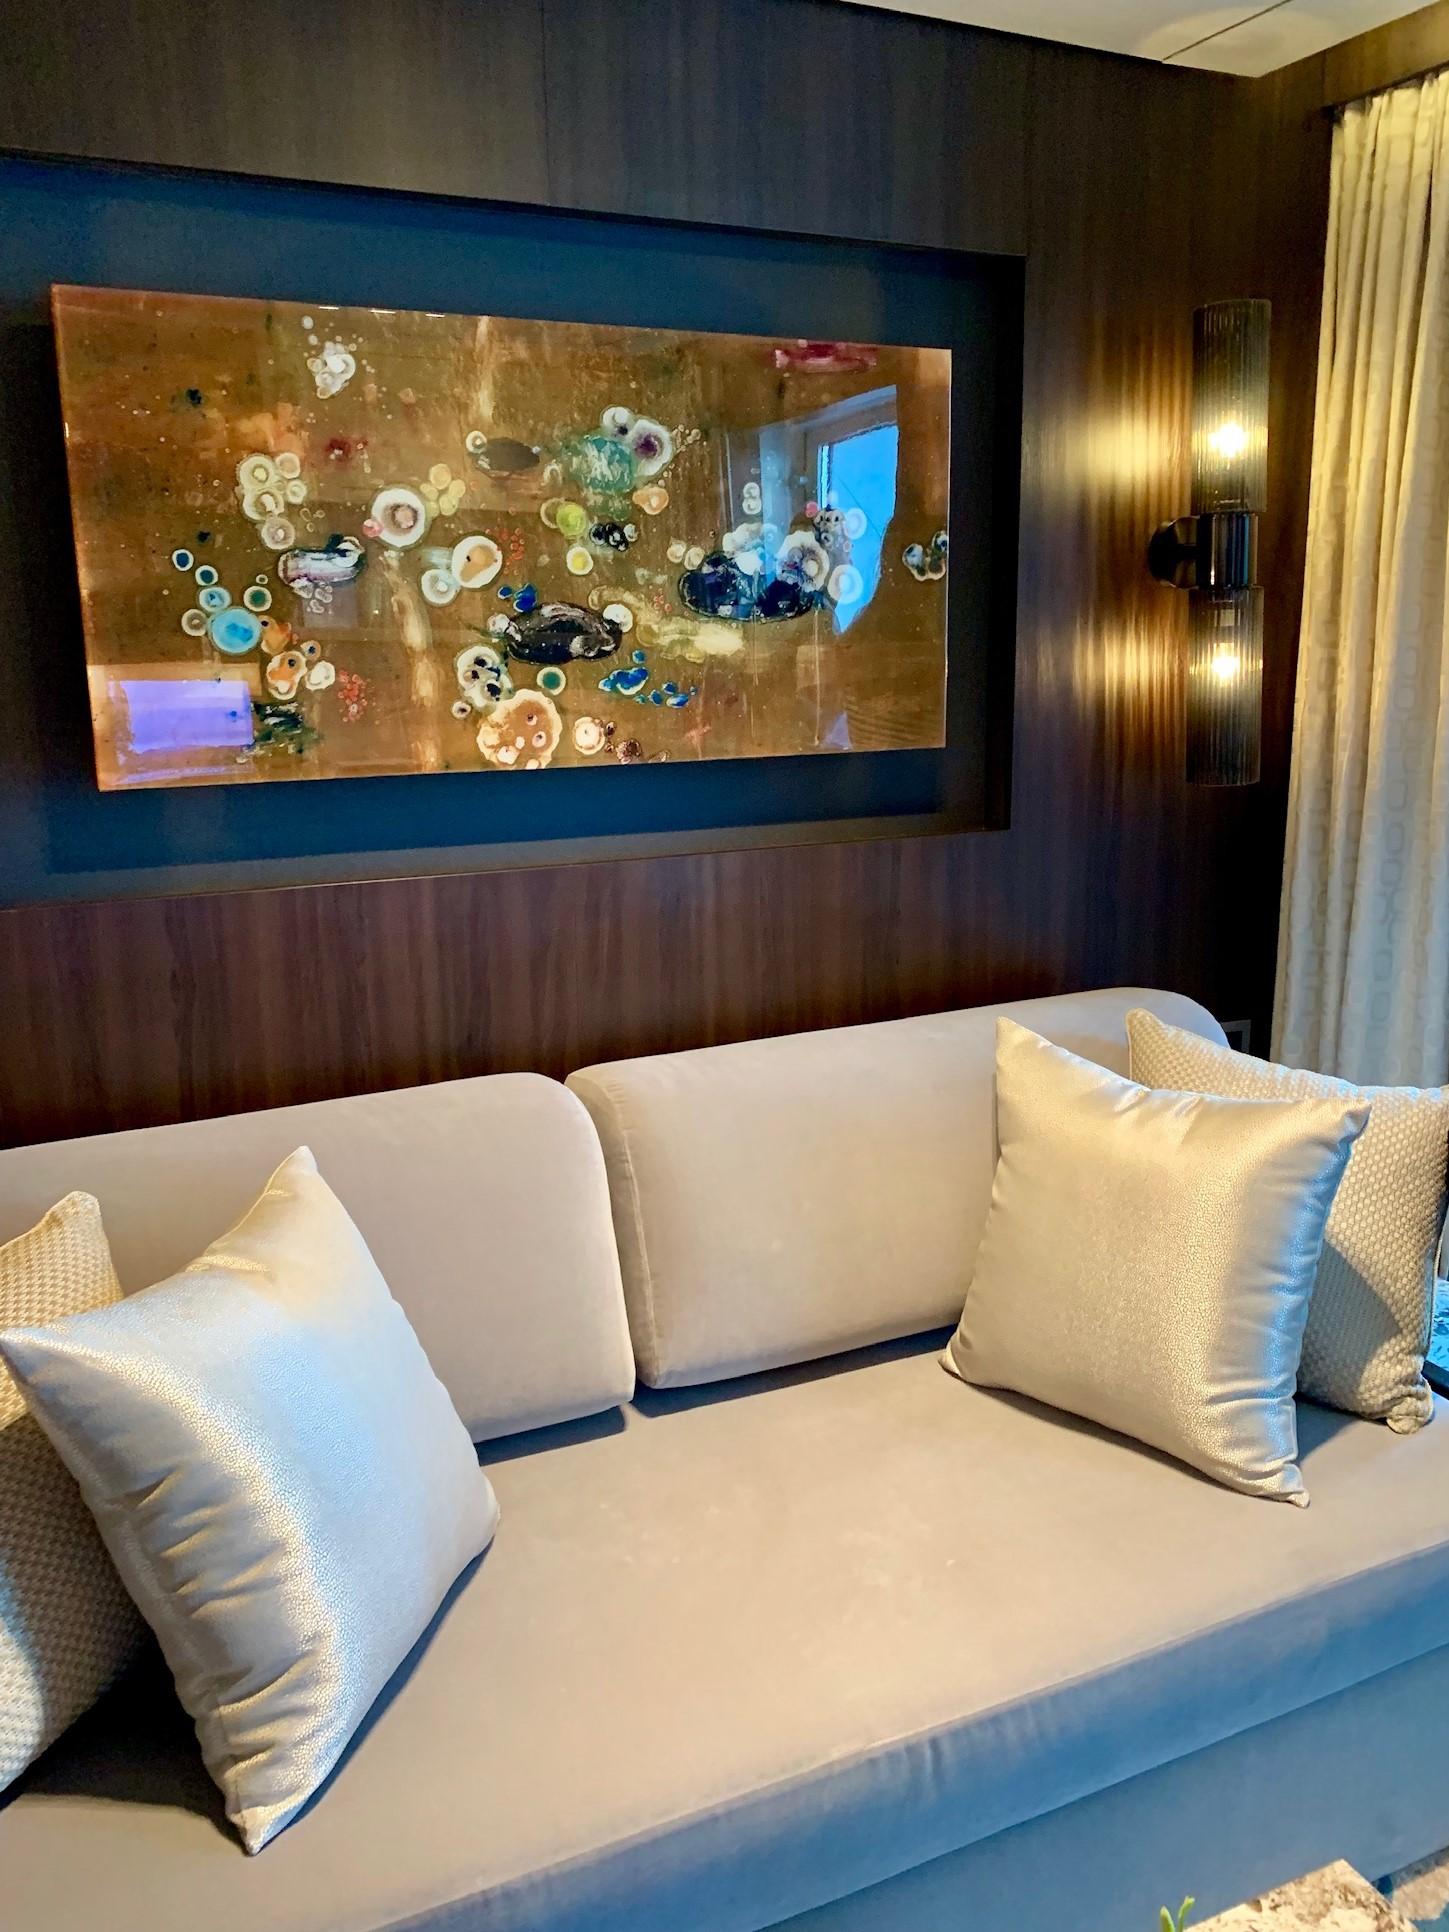 NCL Joy - Rooms - Haven 2 BR Family Villa Living Room.jpg